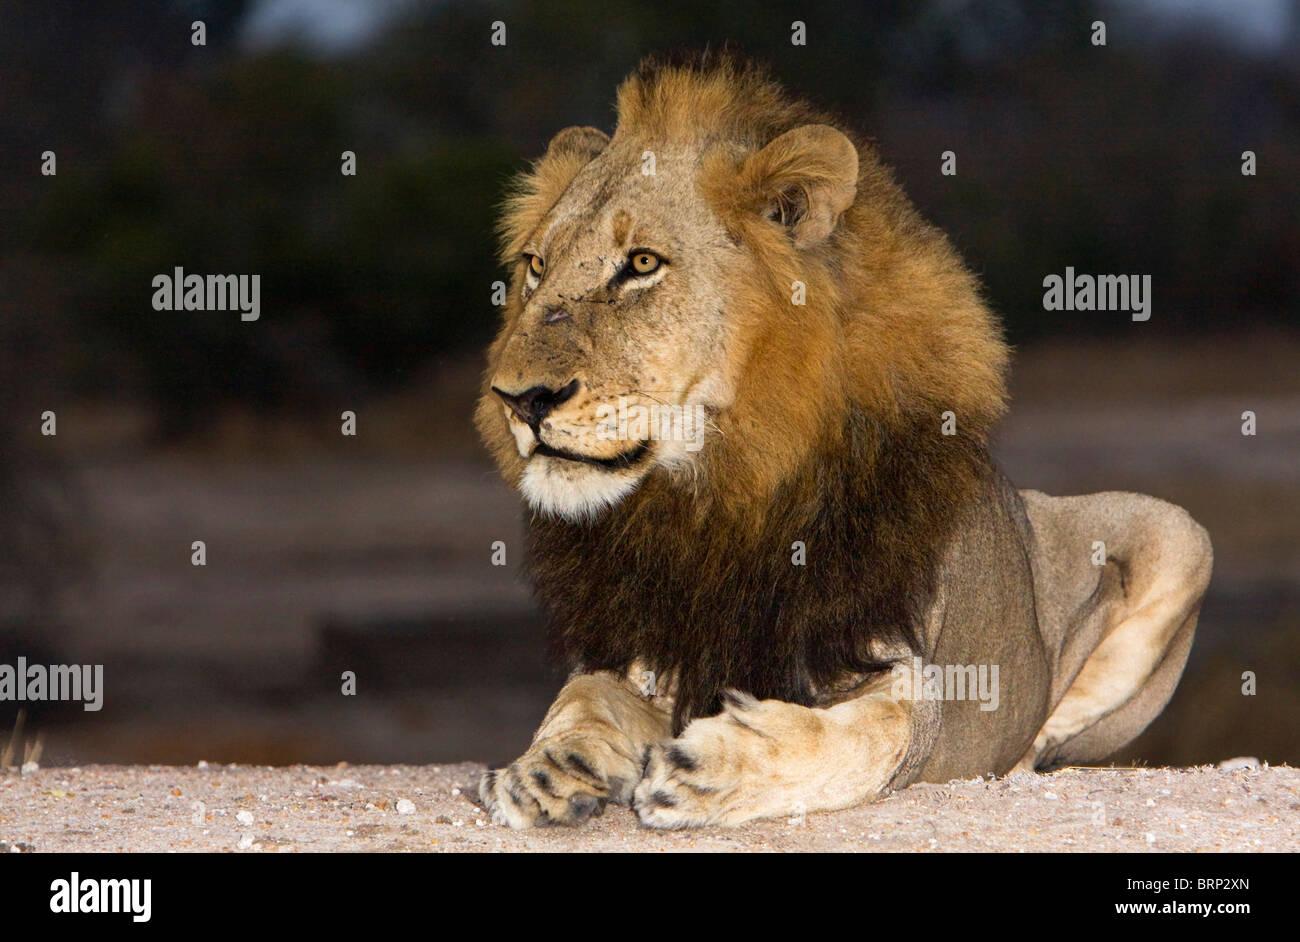 Seitenansicht eines Löwen ruhen auf dem Boden in der Abenddämmerung Stockbild